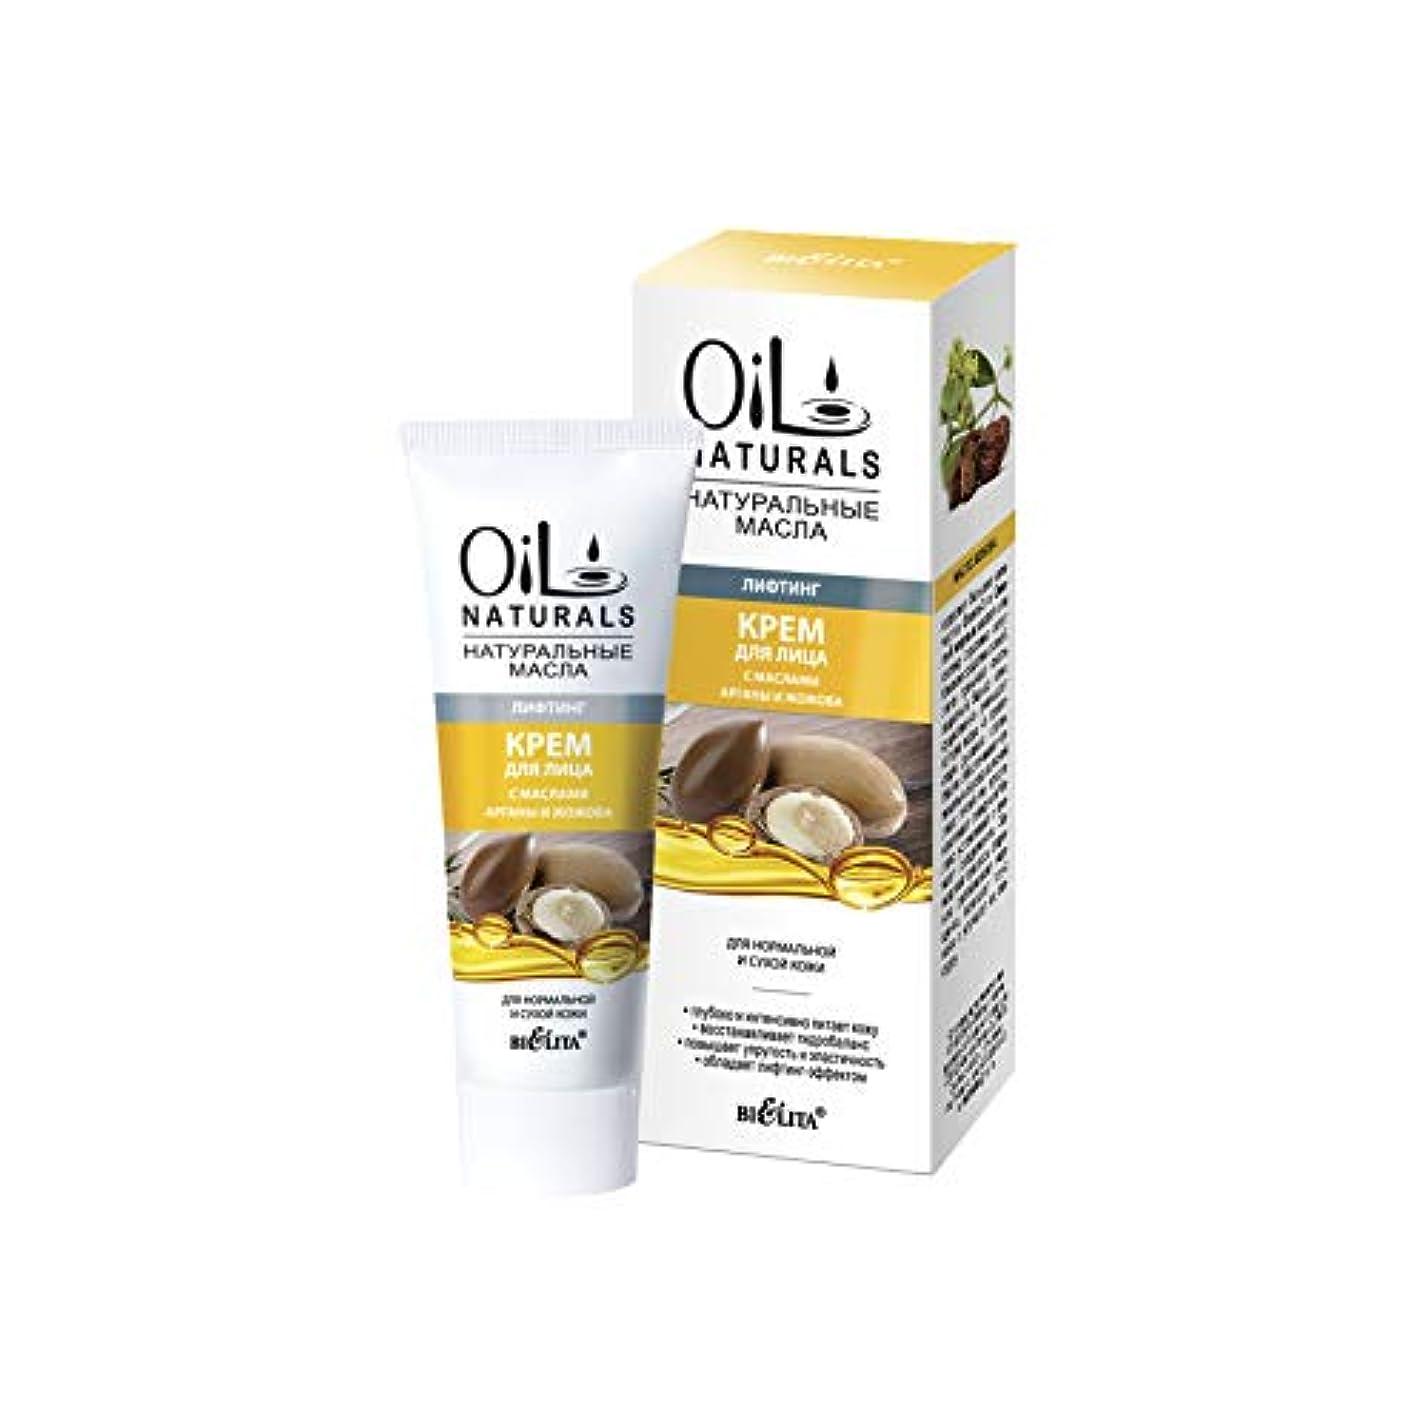 エンターテインメントアンケート杖Bielita & Vitex | Argan Oil, Jojoba Oil Moisturising Cream for the Face 50ml | Intensive Moisturizer With Natural...